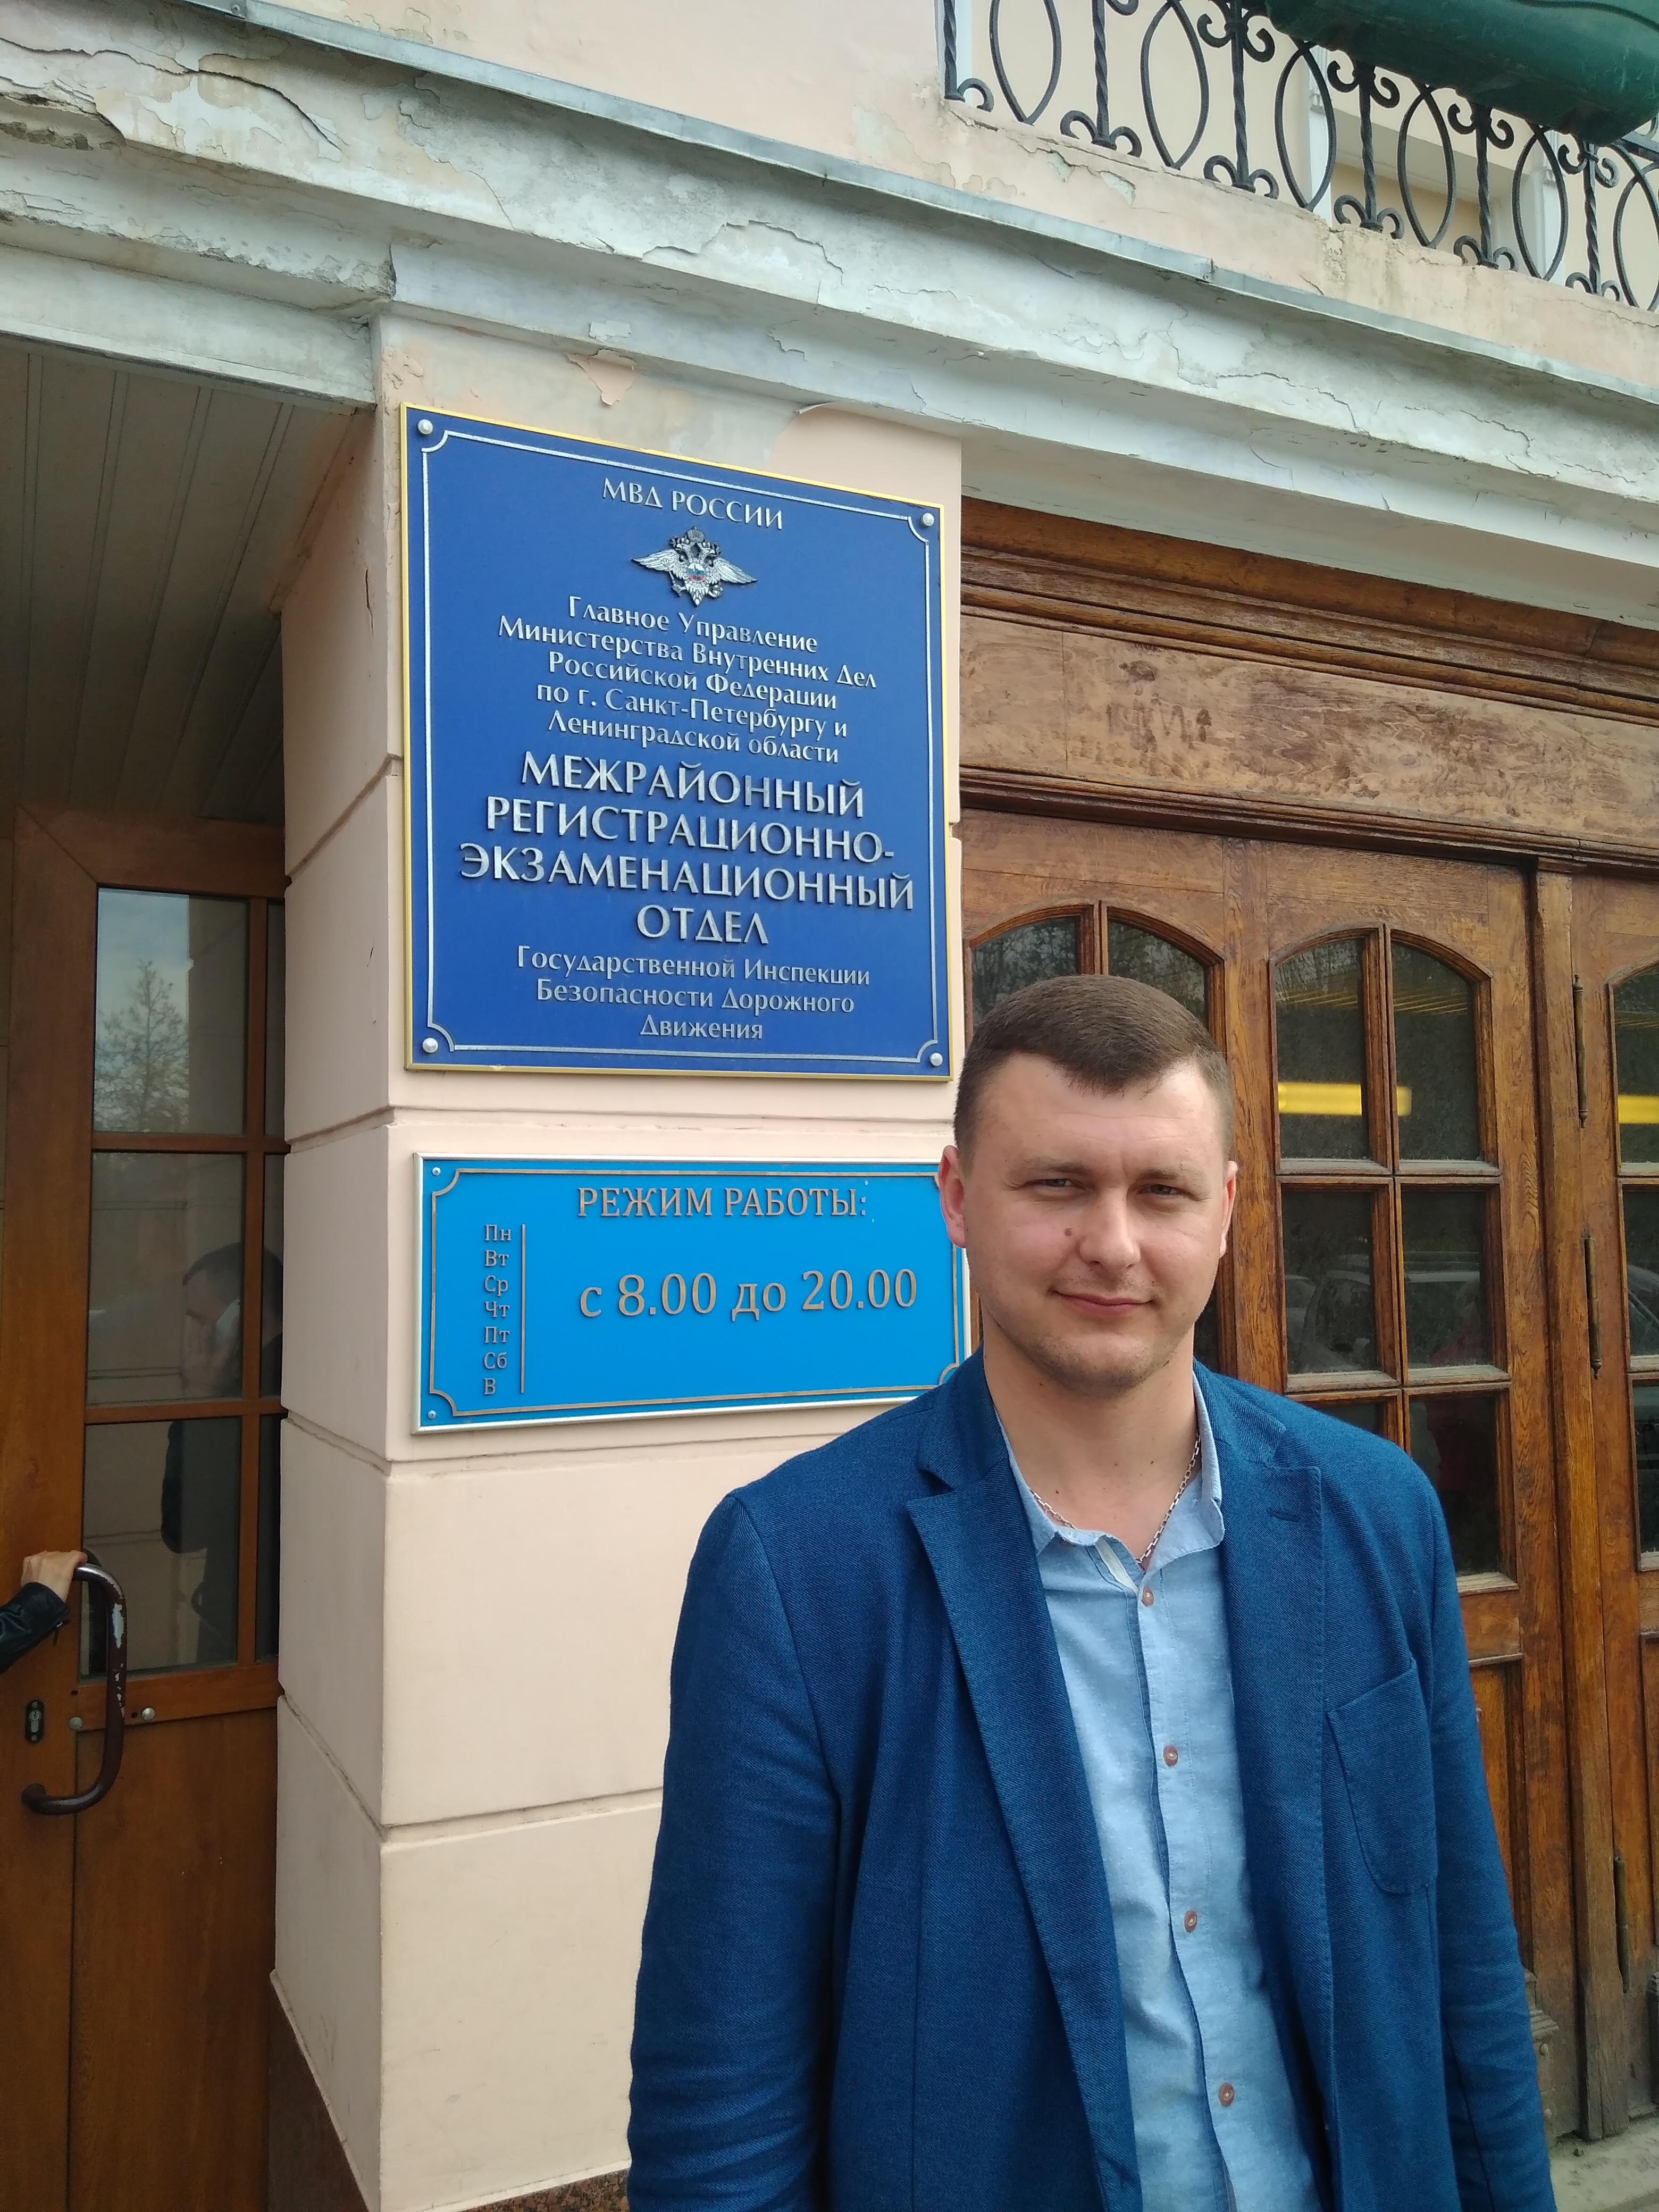 Гусев Александр Васильевич Представитель автошколы МЧС в ГИБДД